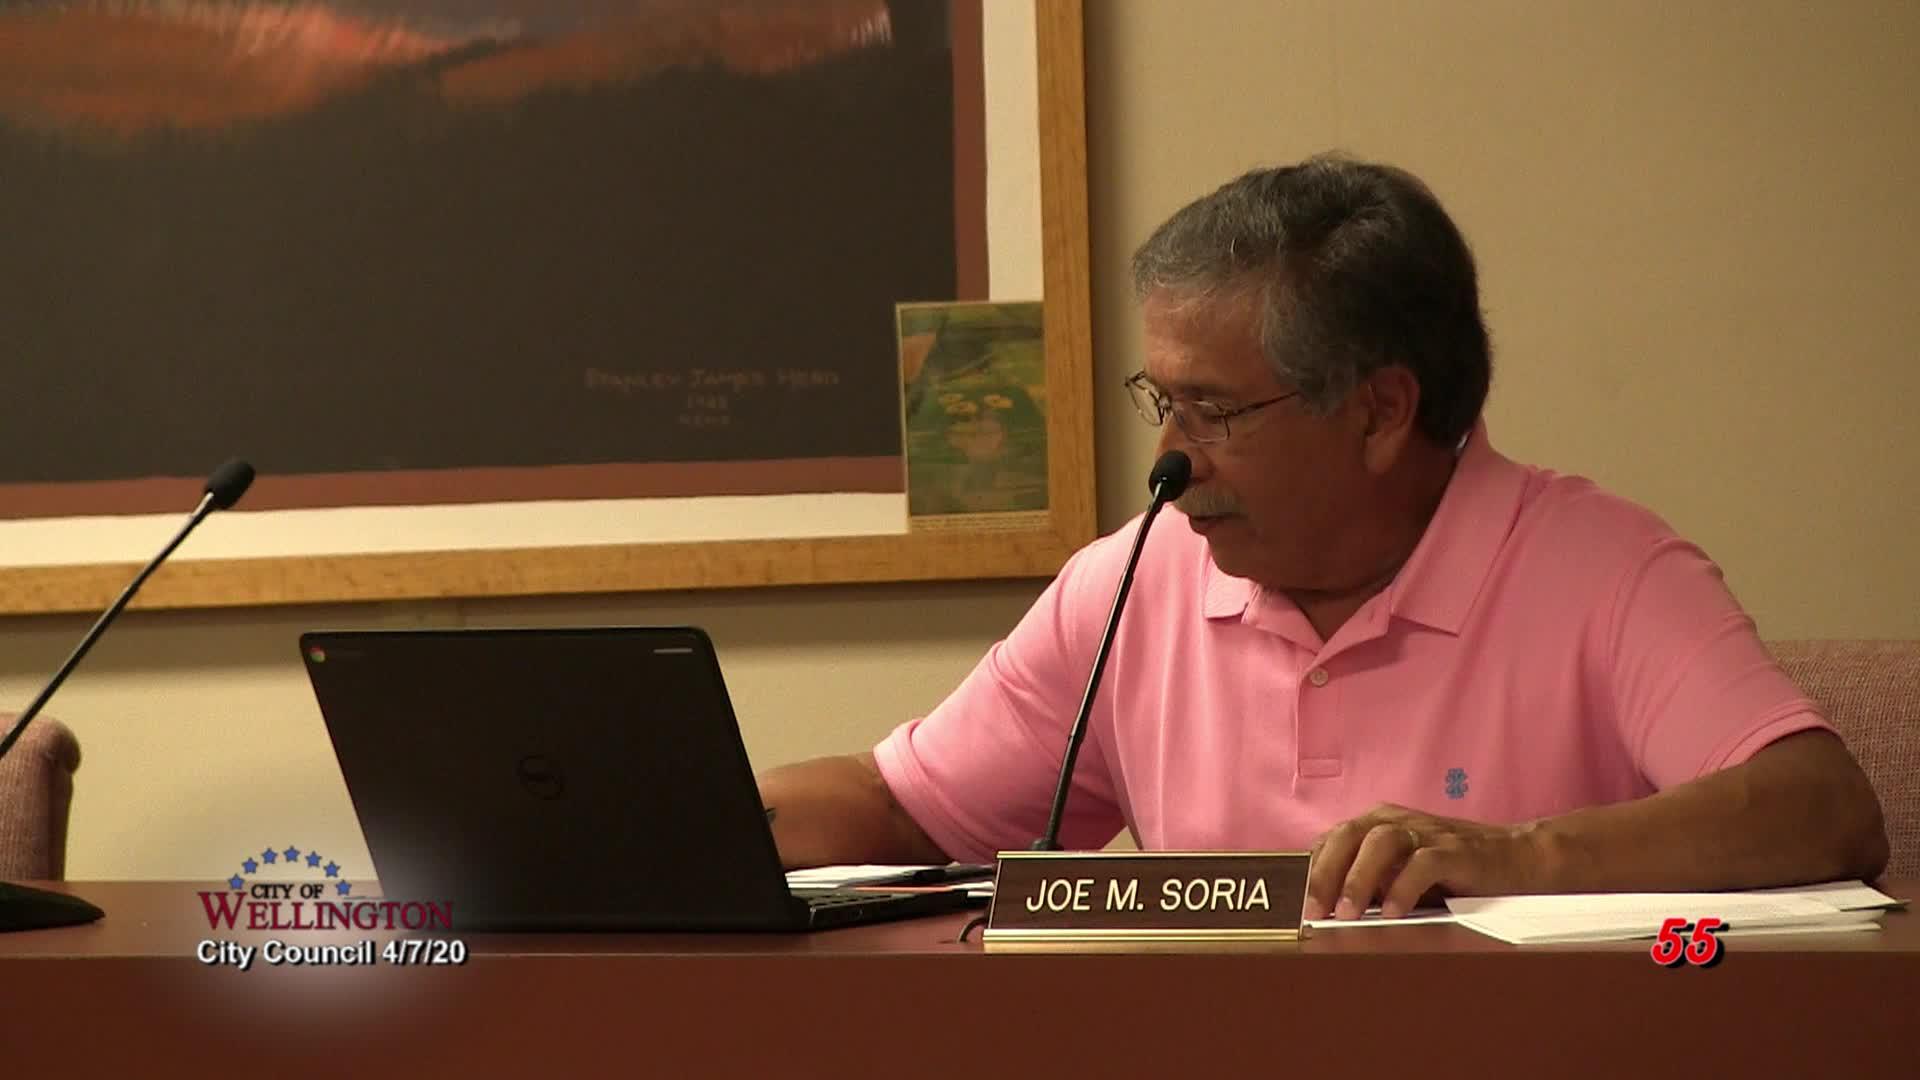 City Council April 7, 2020